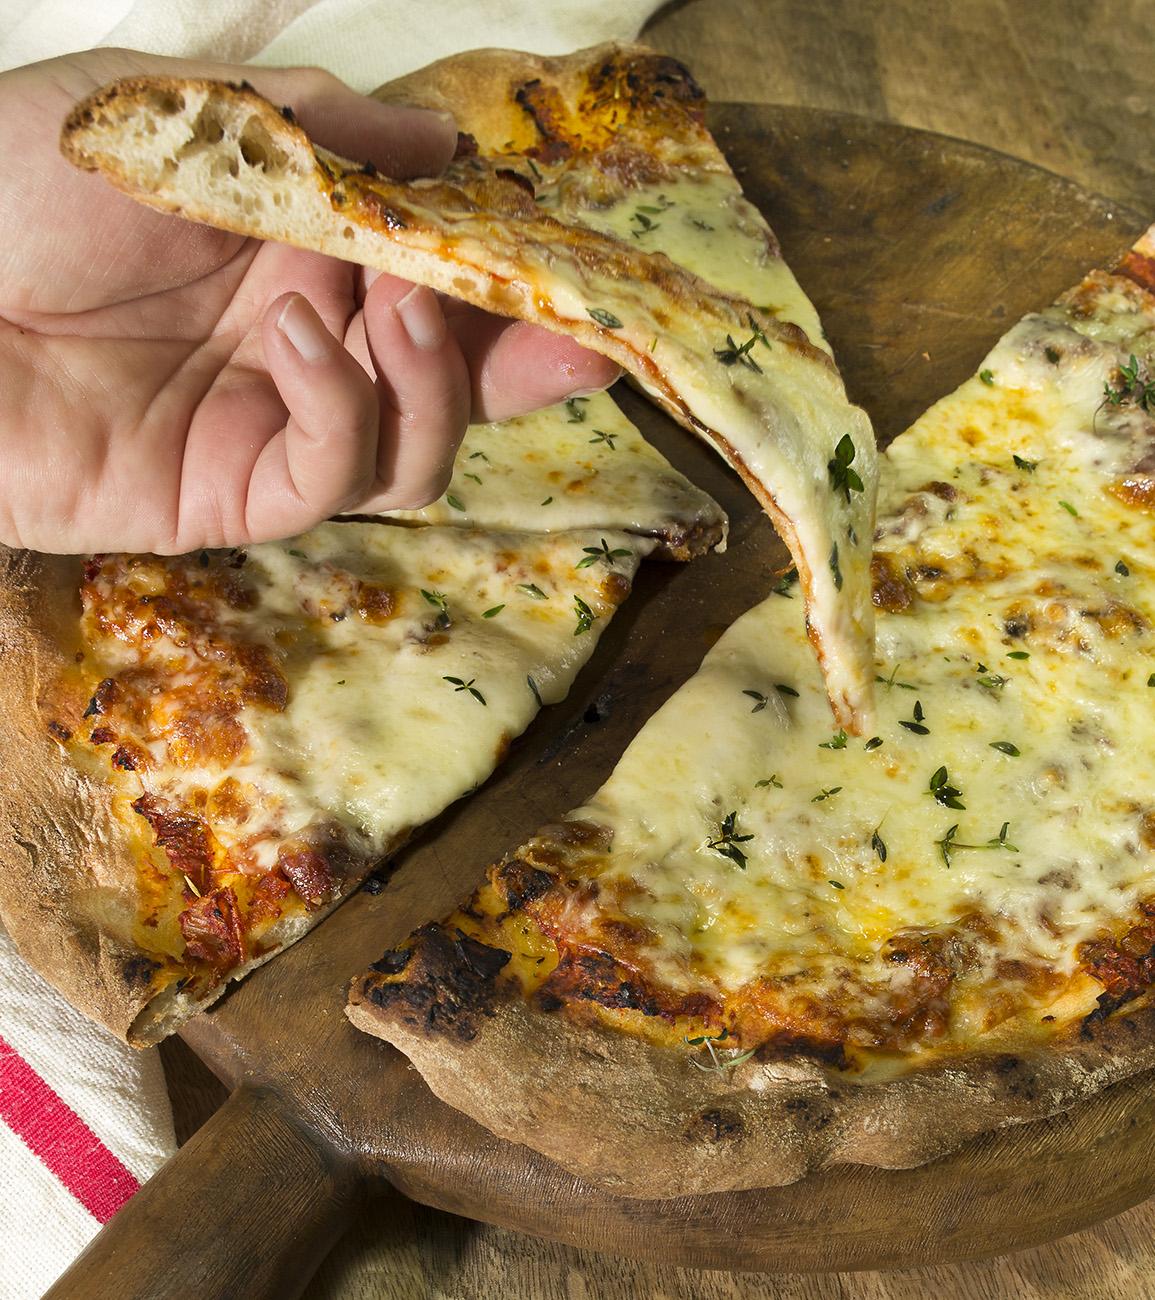 Pizza Rápida Y Sencilla En 30 Minutos La Cocina De Frabisa La Cocina De Frabisa